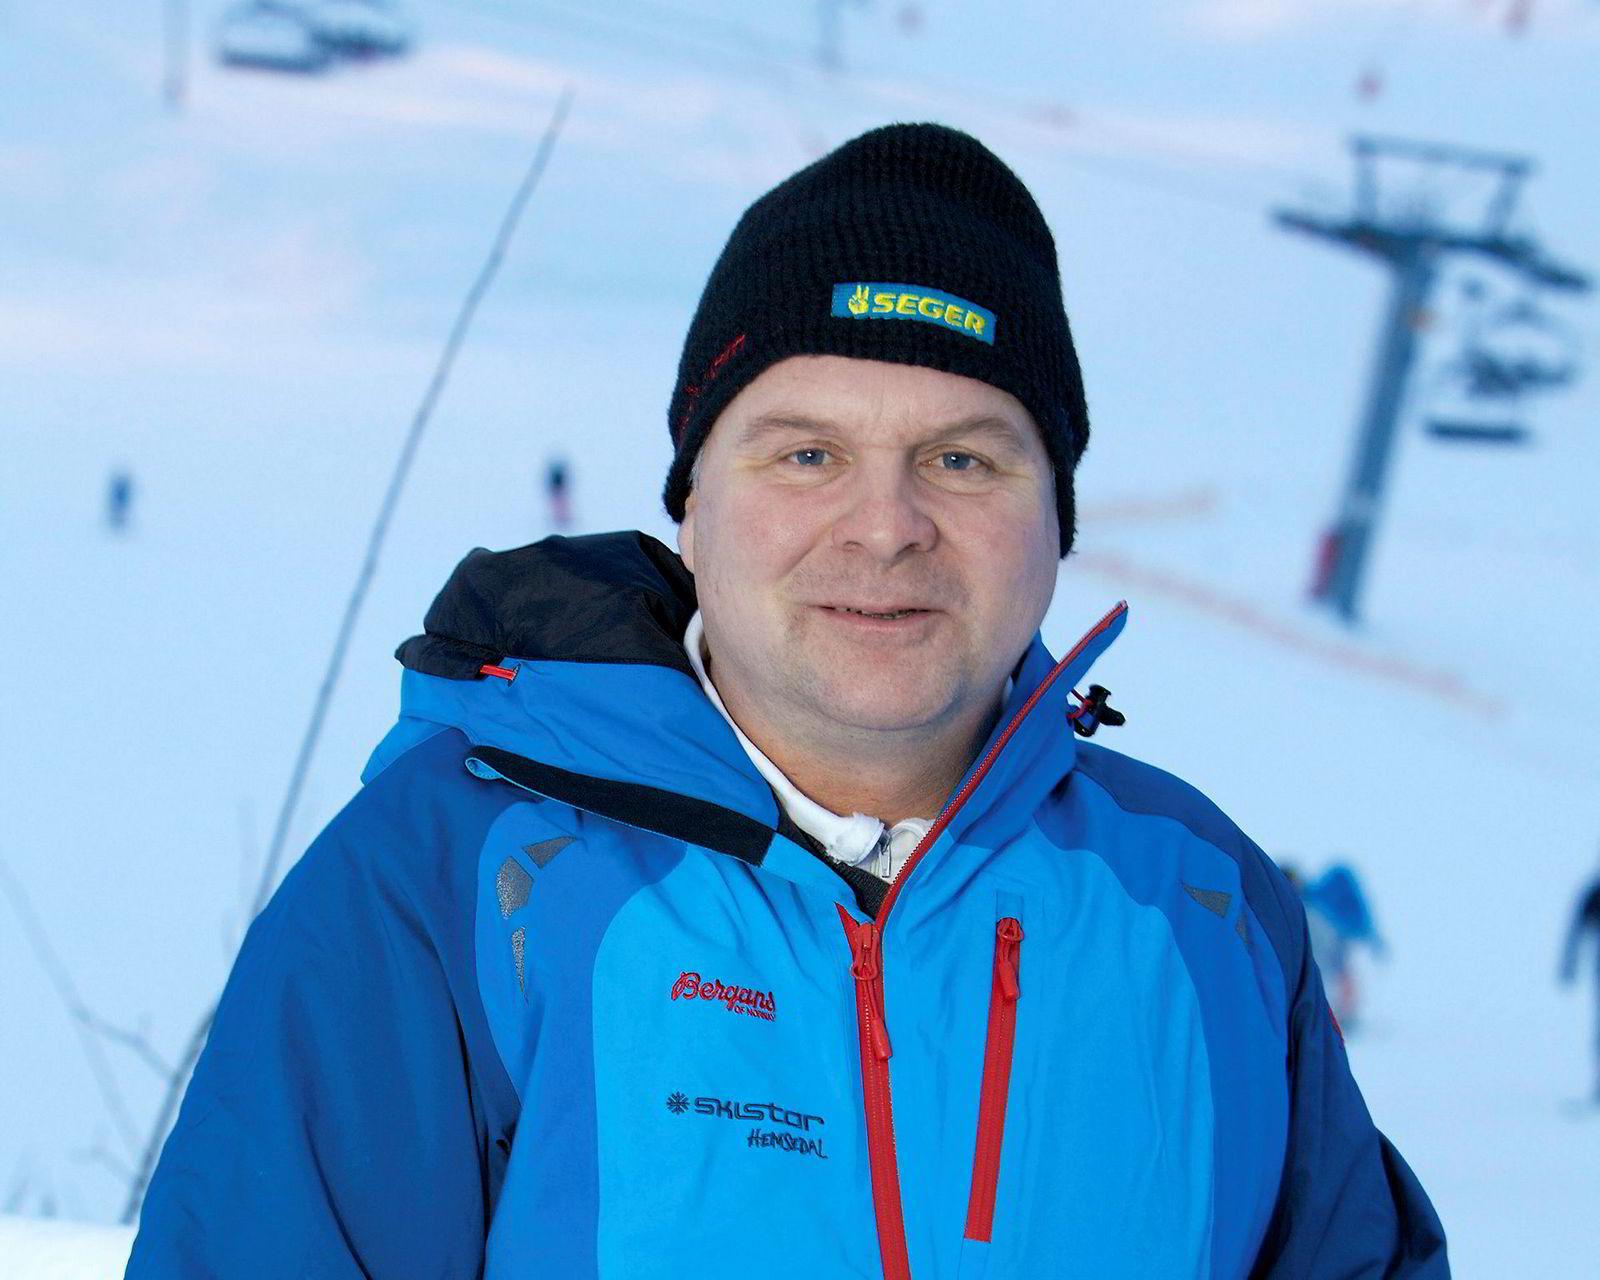 Andreas Smith-Erichsen, destinasjonssjefen for Skistar-konsernet i Hemsedal som fra nyttår blir sjef på Geilo, reagerer sterkt på at reiselivssjef Pål K. Medhus støtter regjeringens forslag om å øke reiselivsmomsen.